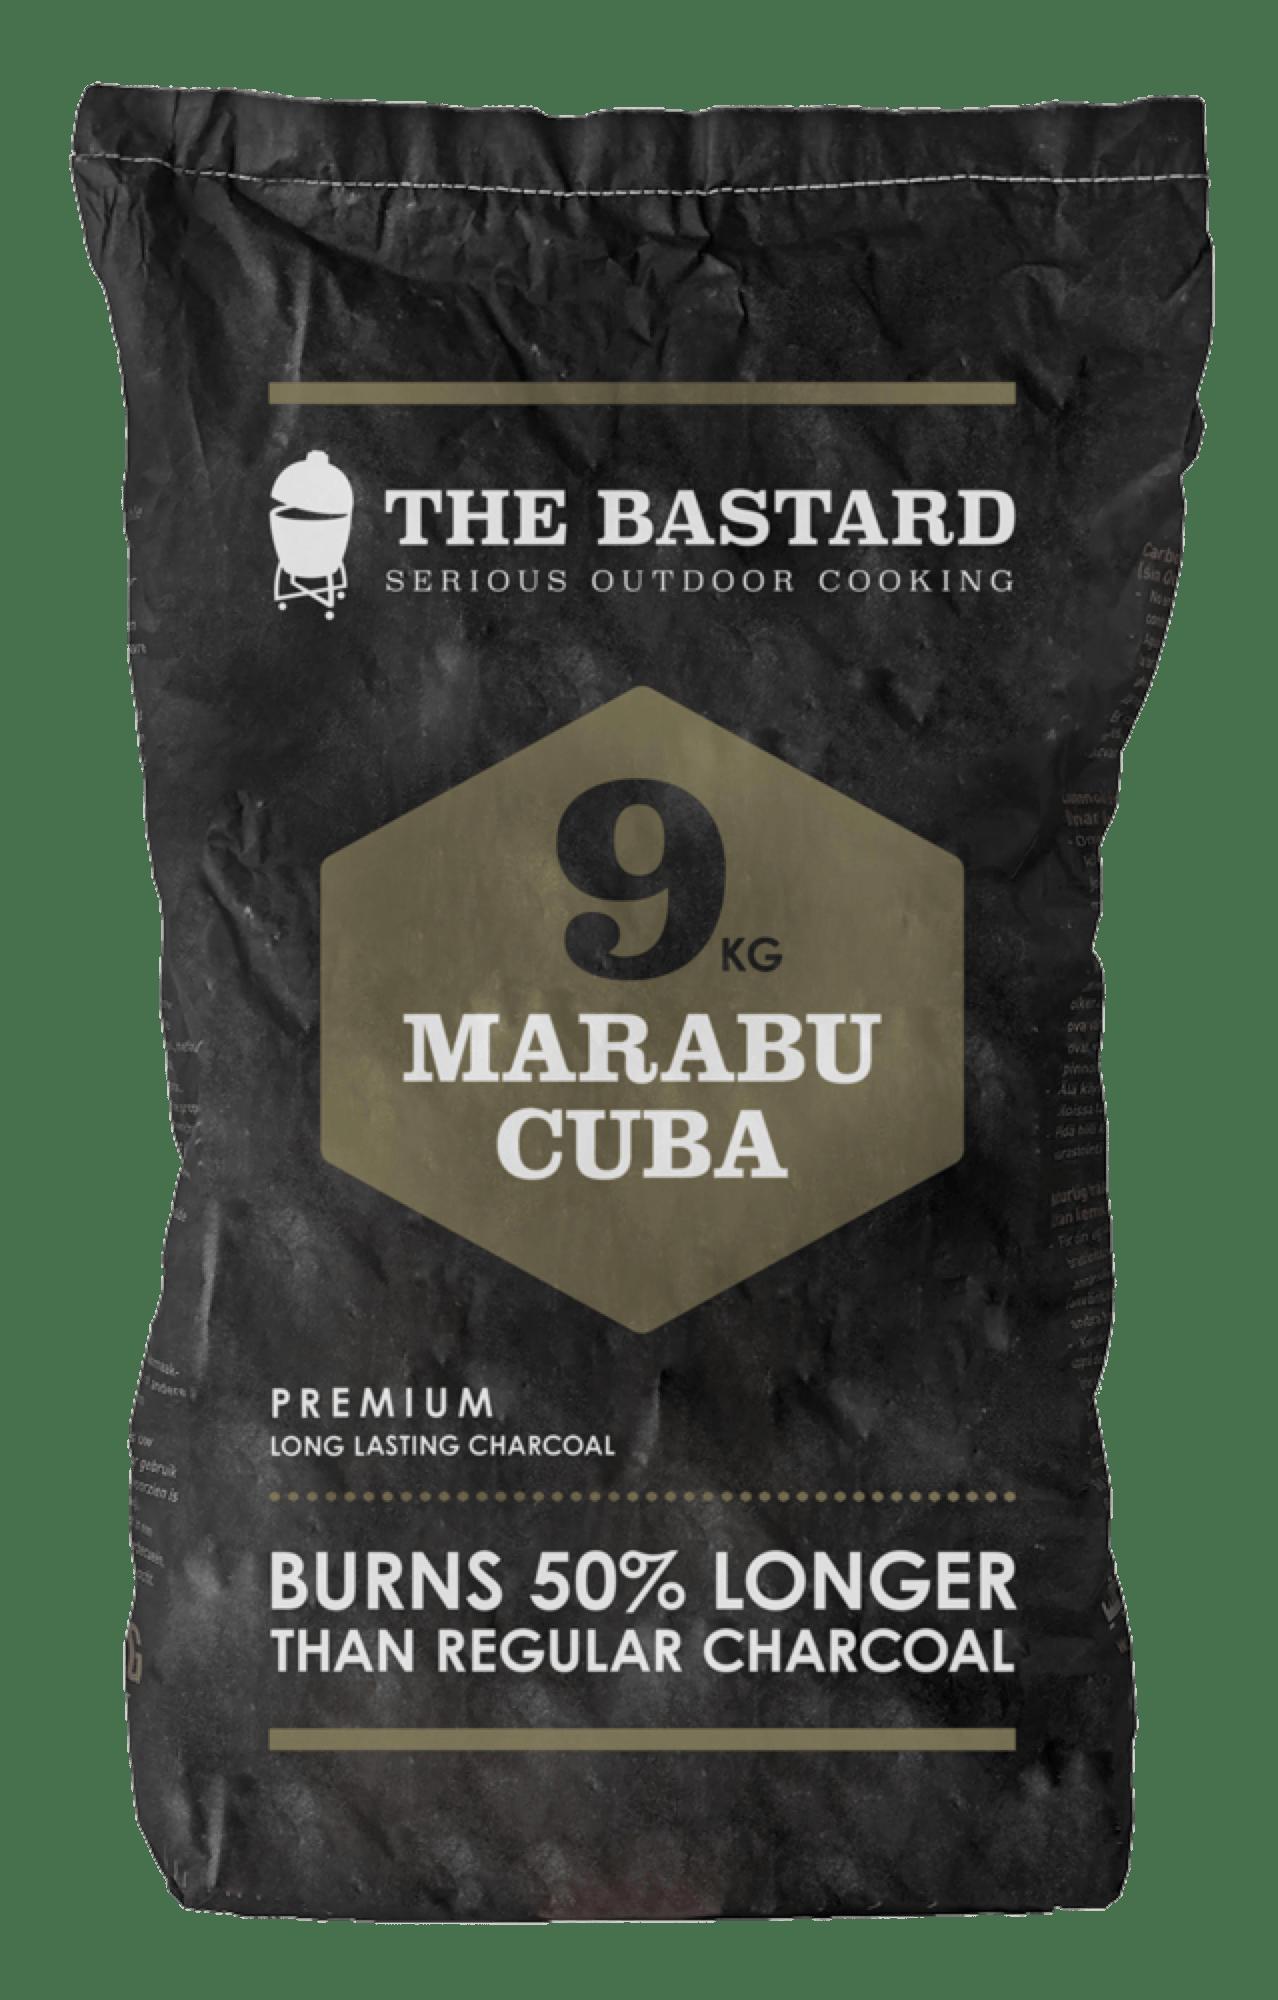 Houtskool Marabu 9kg The Bastard